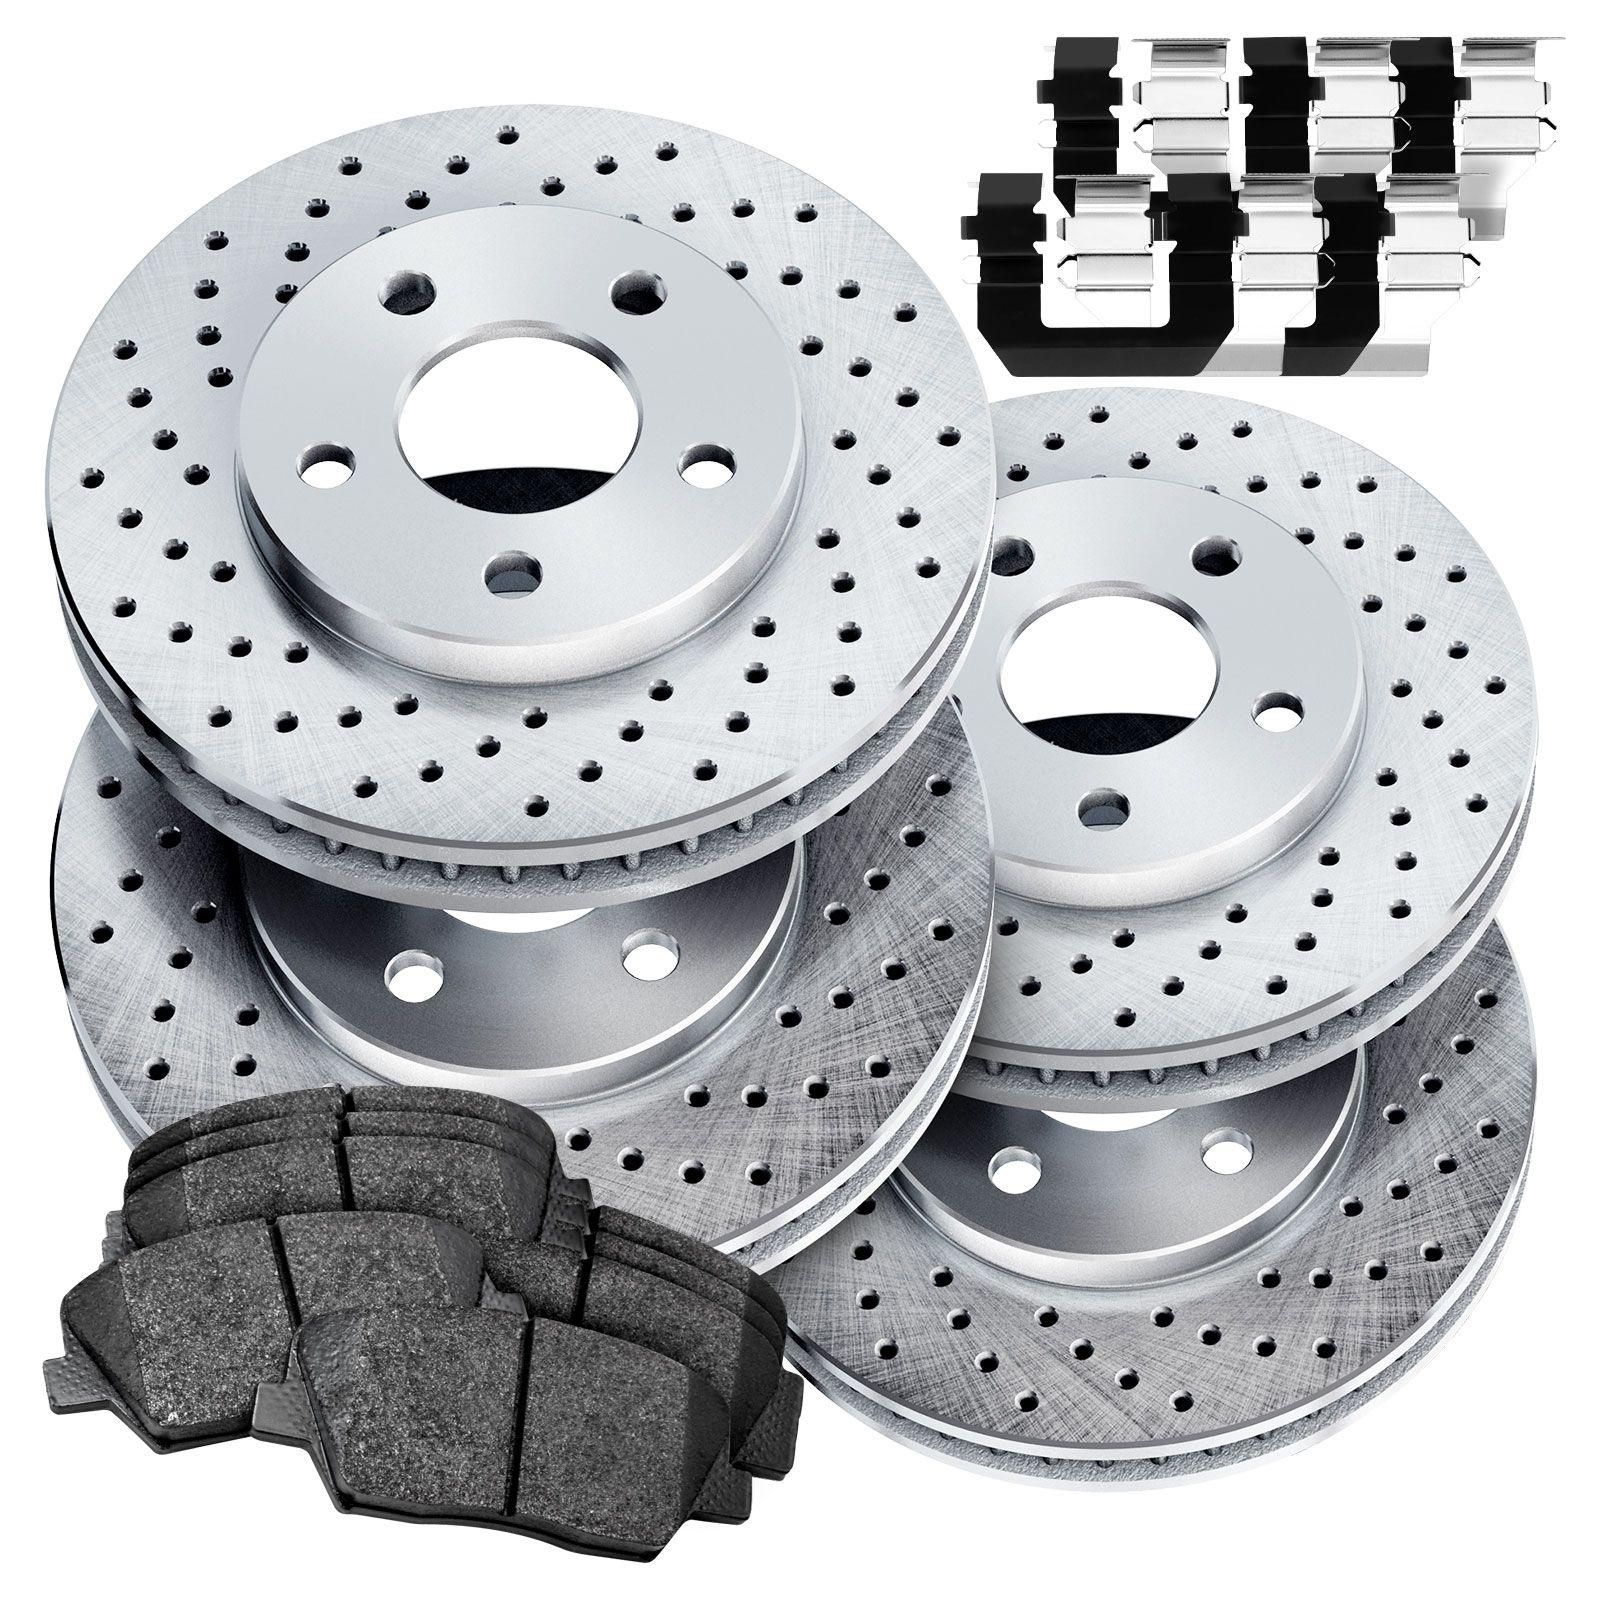 For 2009 Hyundai Elantra Front Rear Black Drilled Brake Rotors+Ceramic Pads